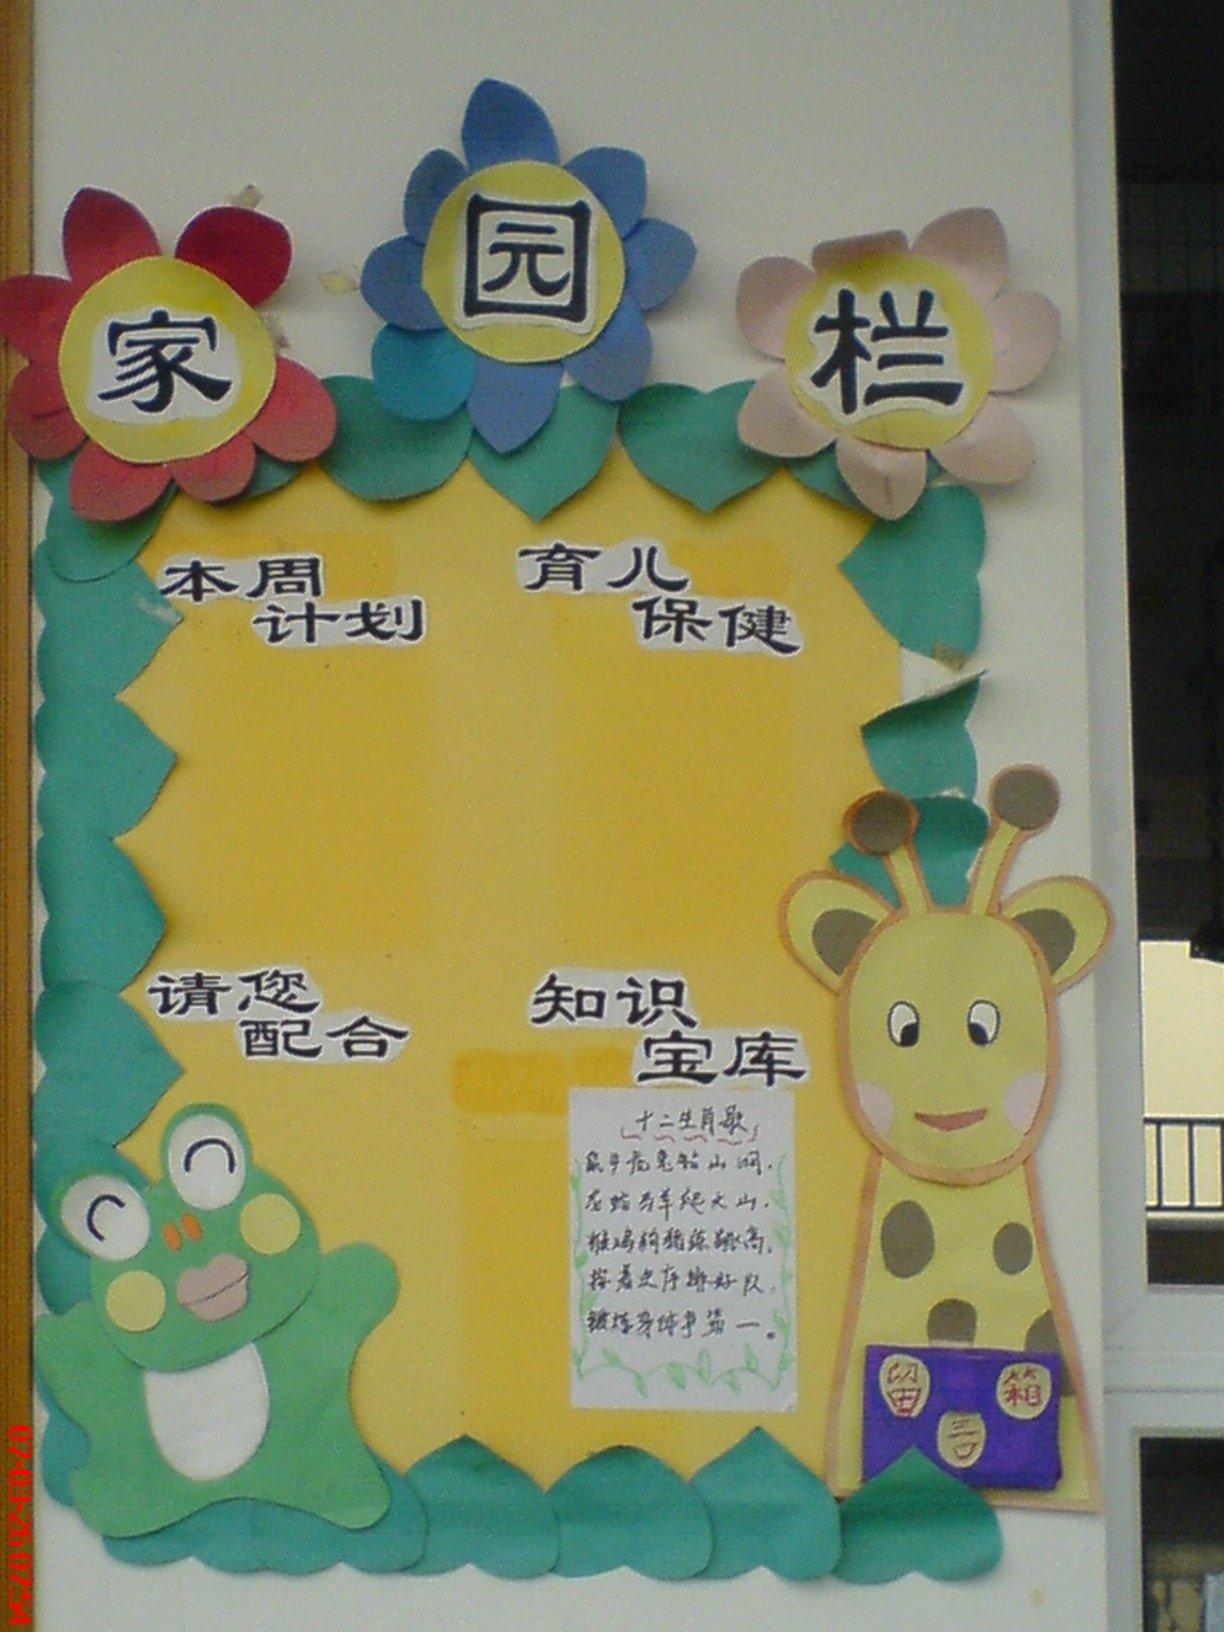 幼儿园数学环境_幼儿园家园栏布置-- 分类导航 - 浙江学前教育网